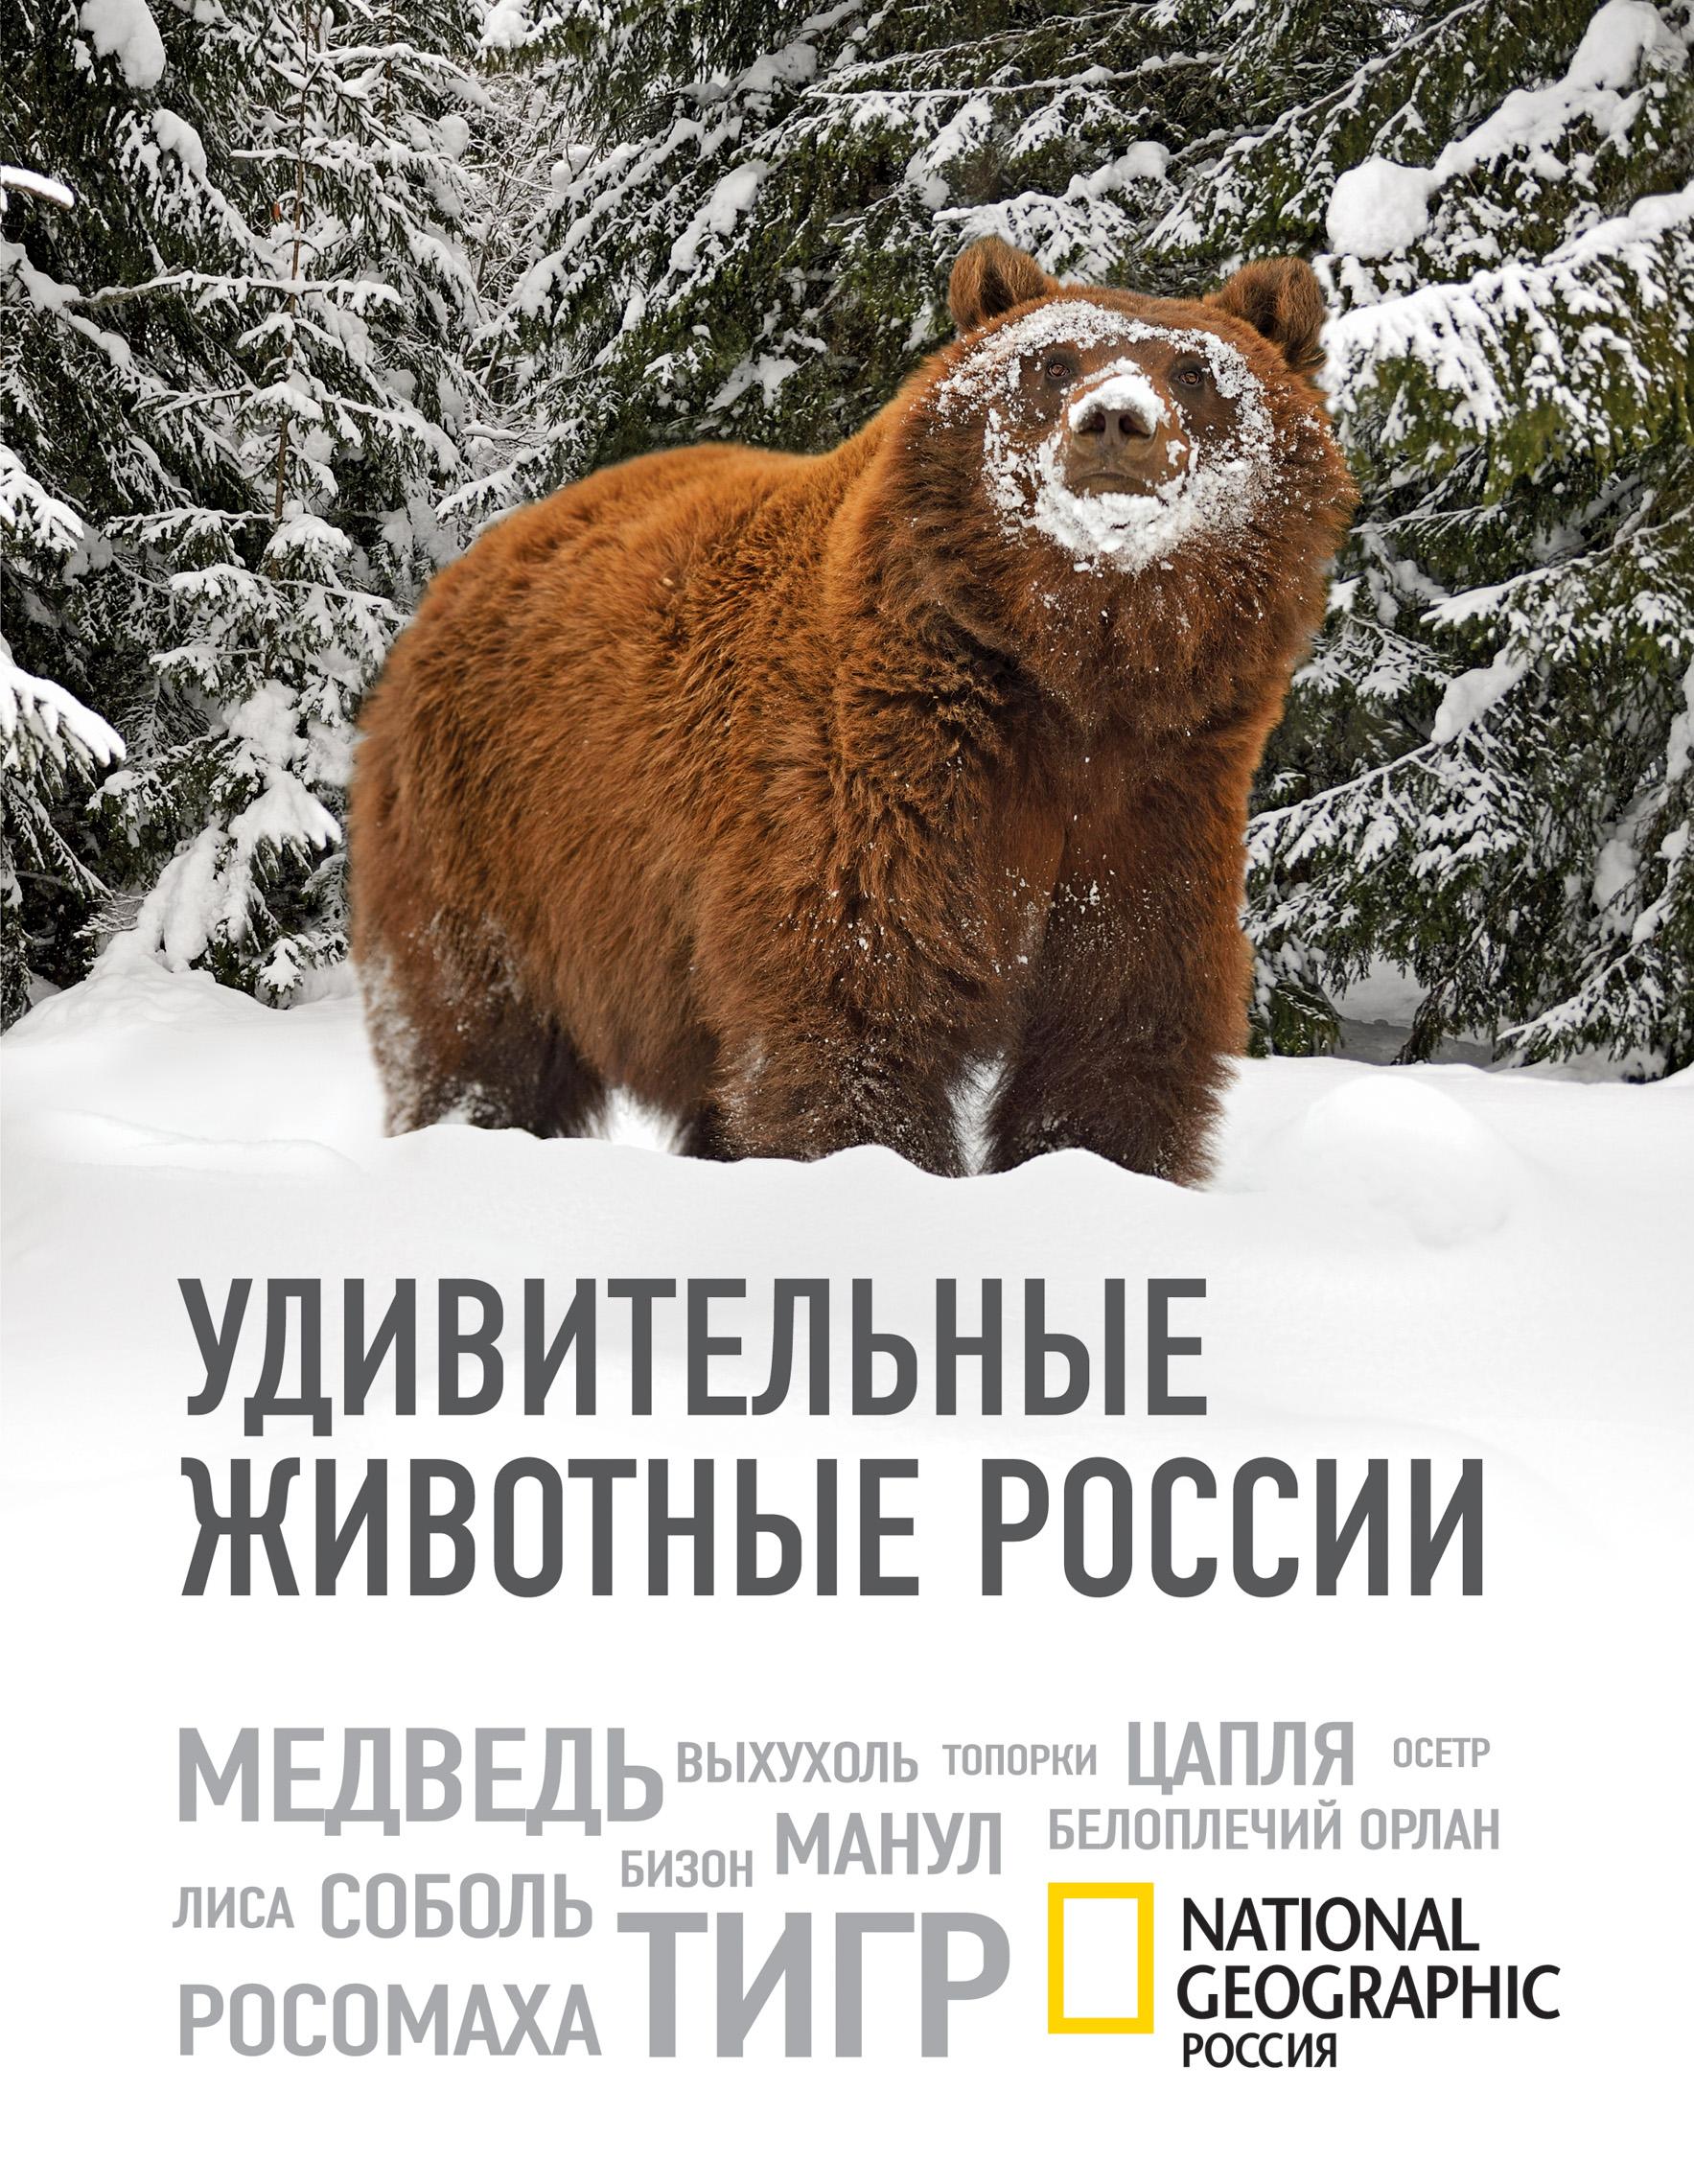 Удивительные животные России